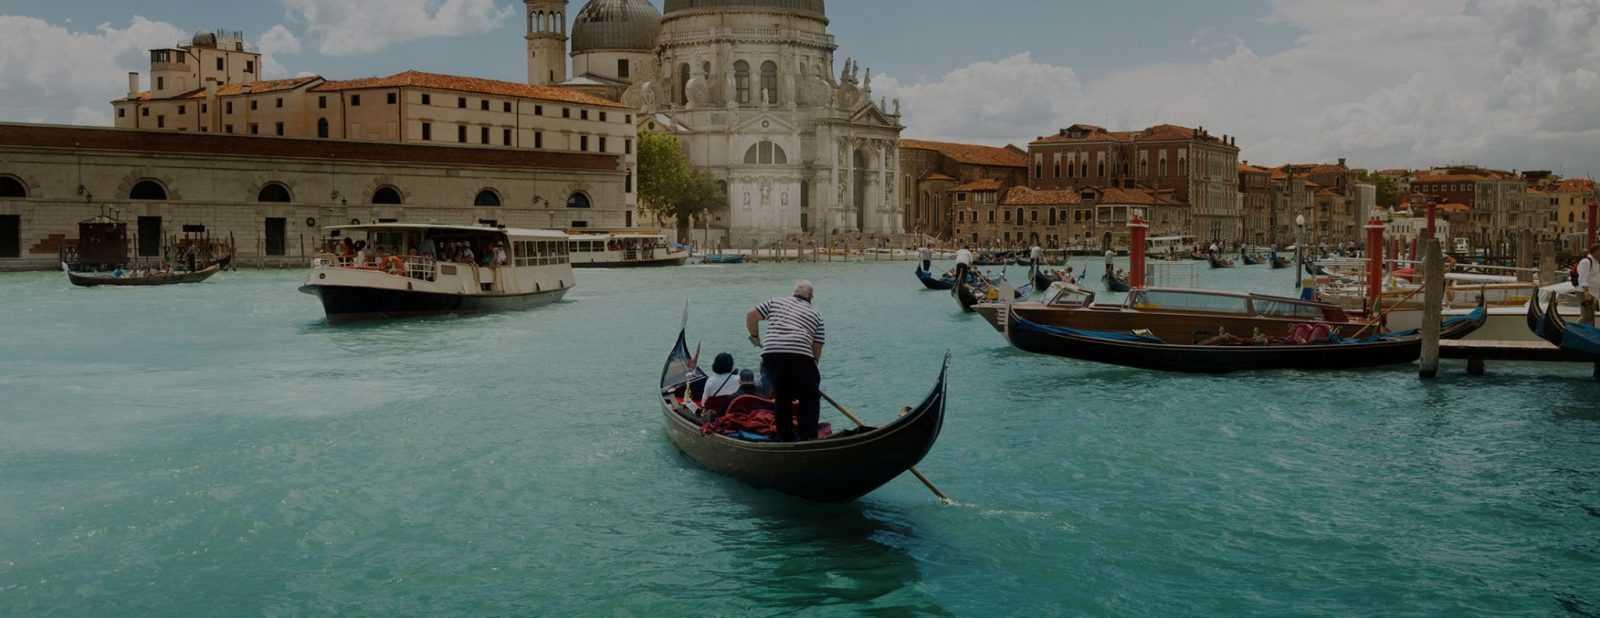 טיולים לאיטליה | סולו איטליה